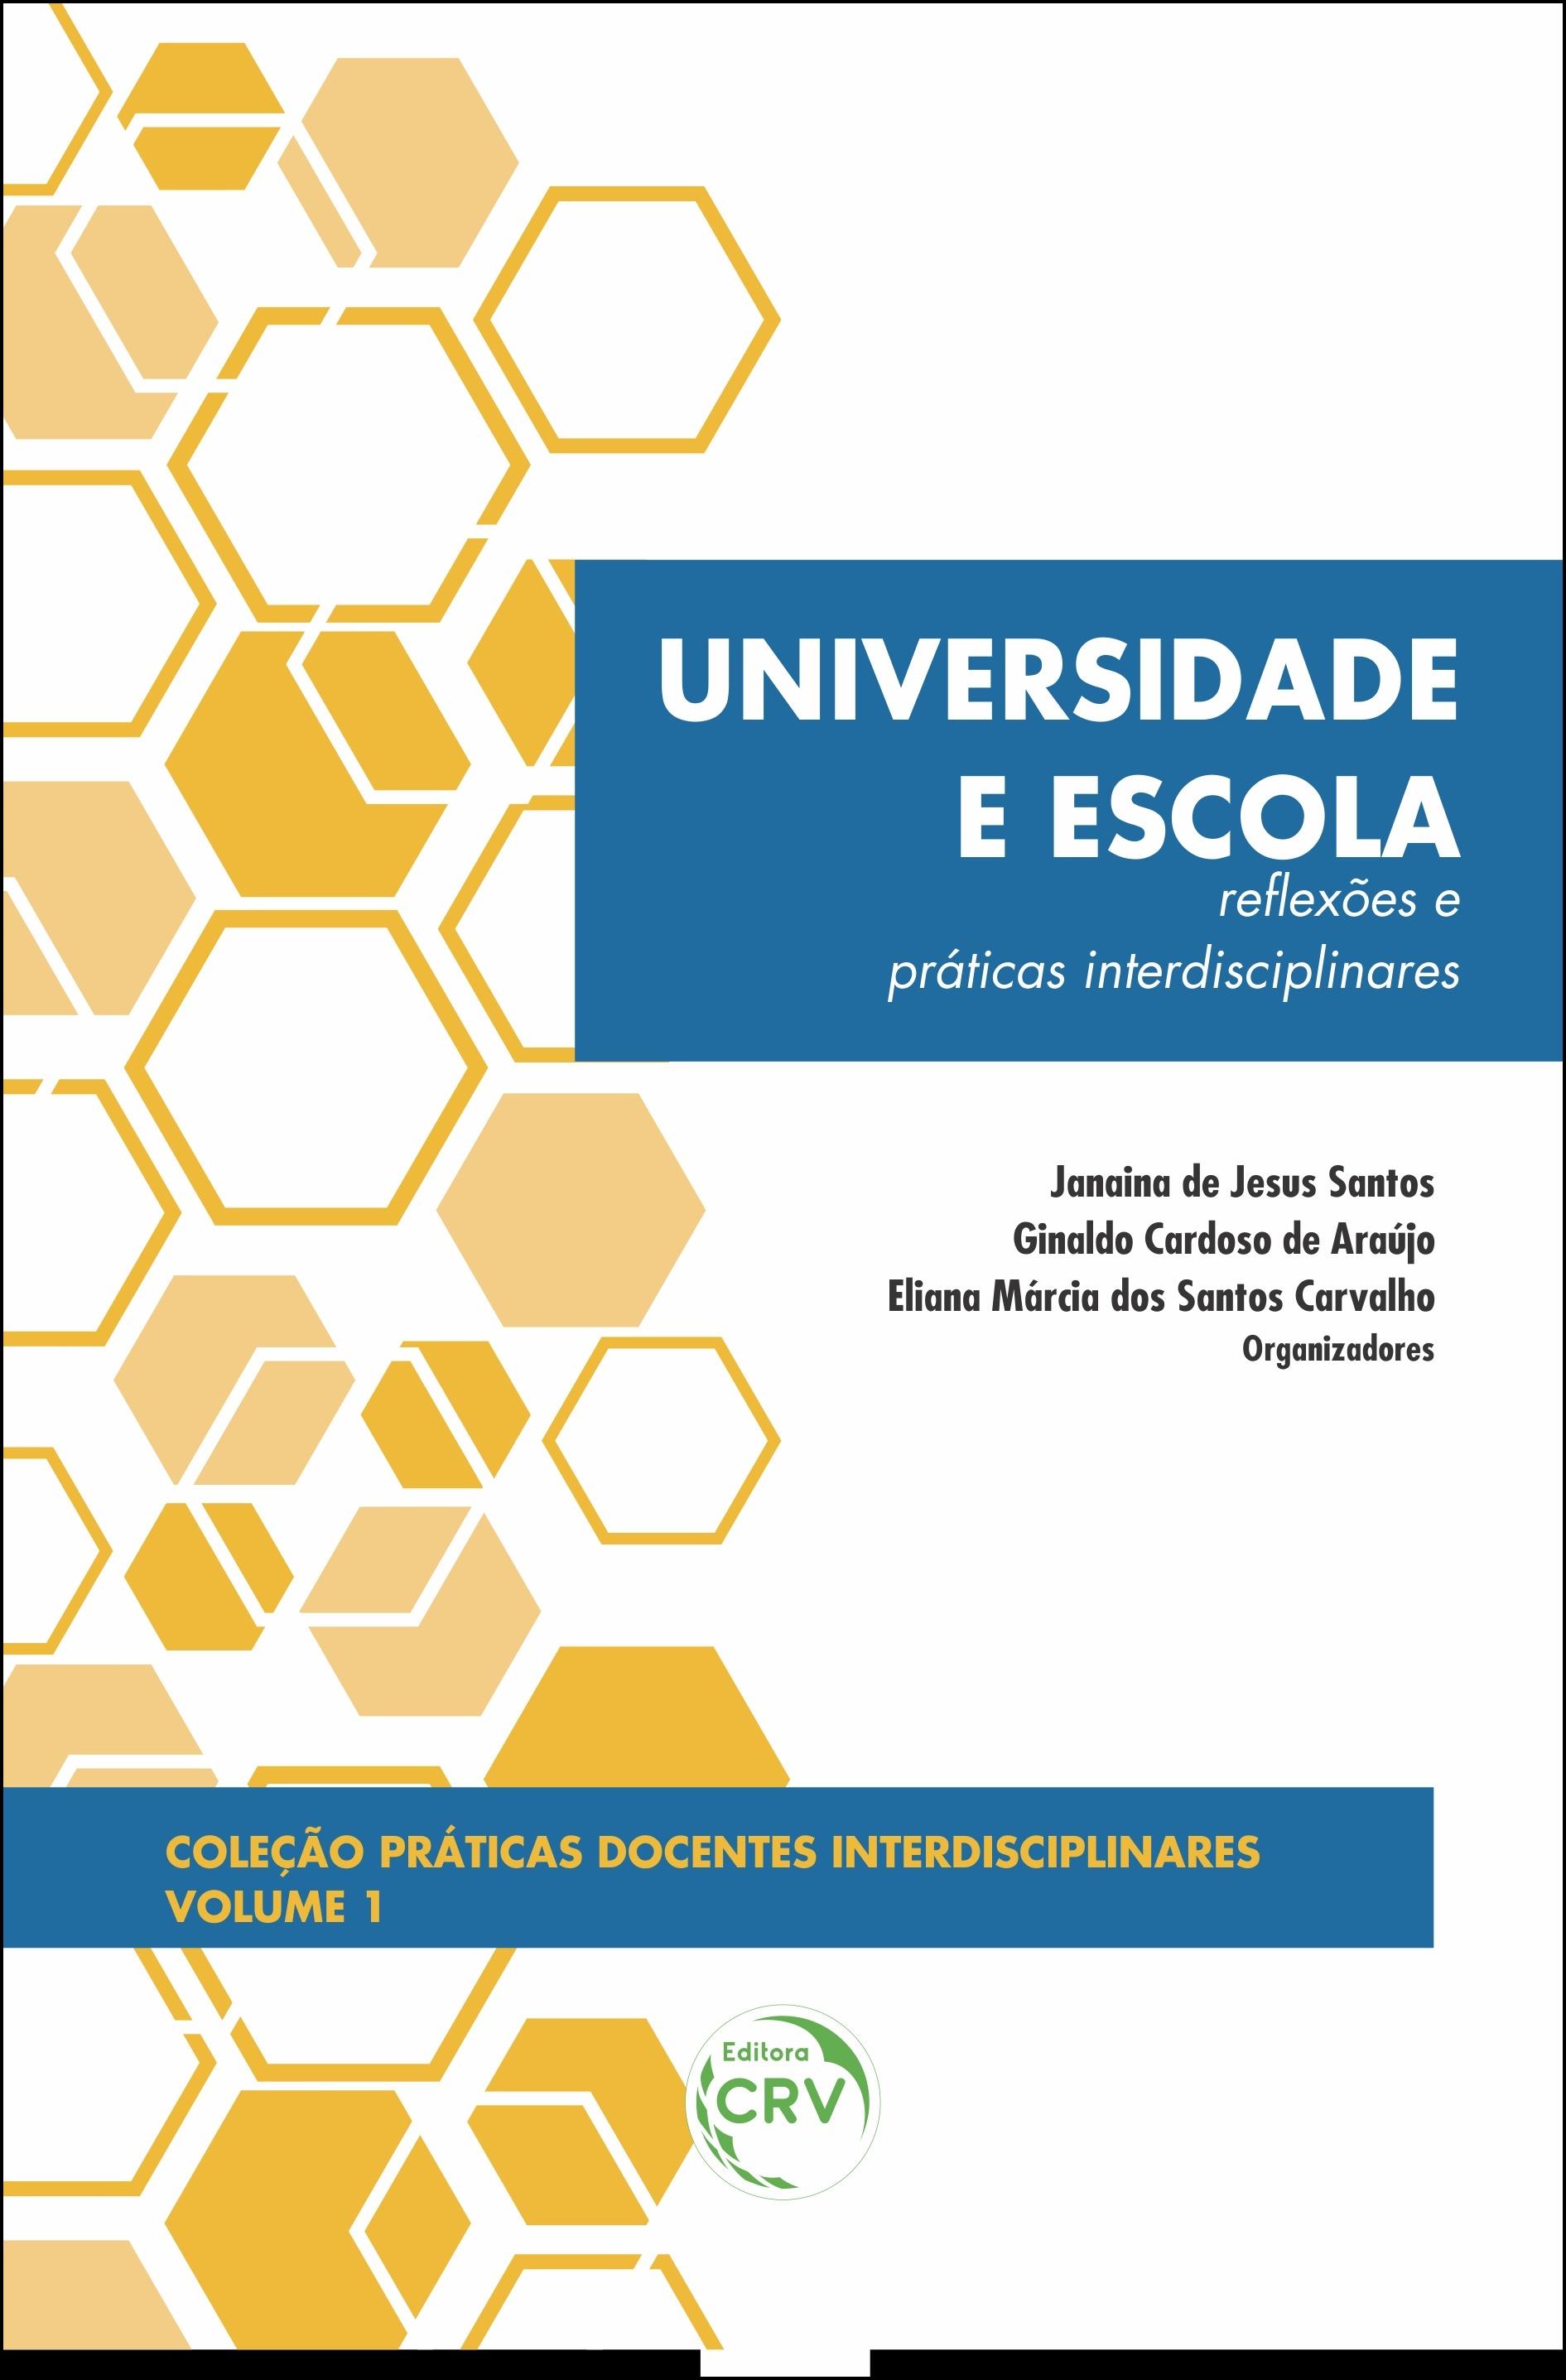 Capa do livro: UNIVERSIDADE E ESCOLA:<br> reflexões e práticas interdisciplinares <br>Coleção Práticas Docentes Interdisciplinares Volume 1